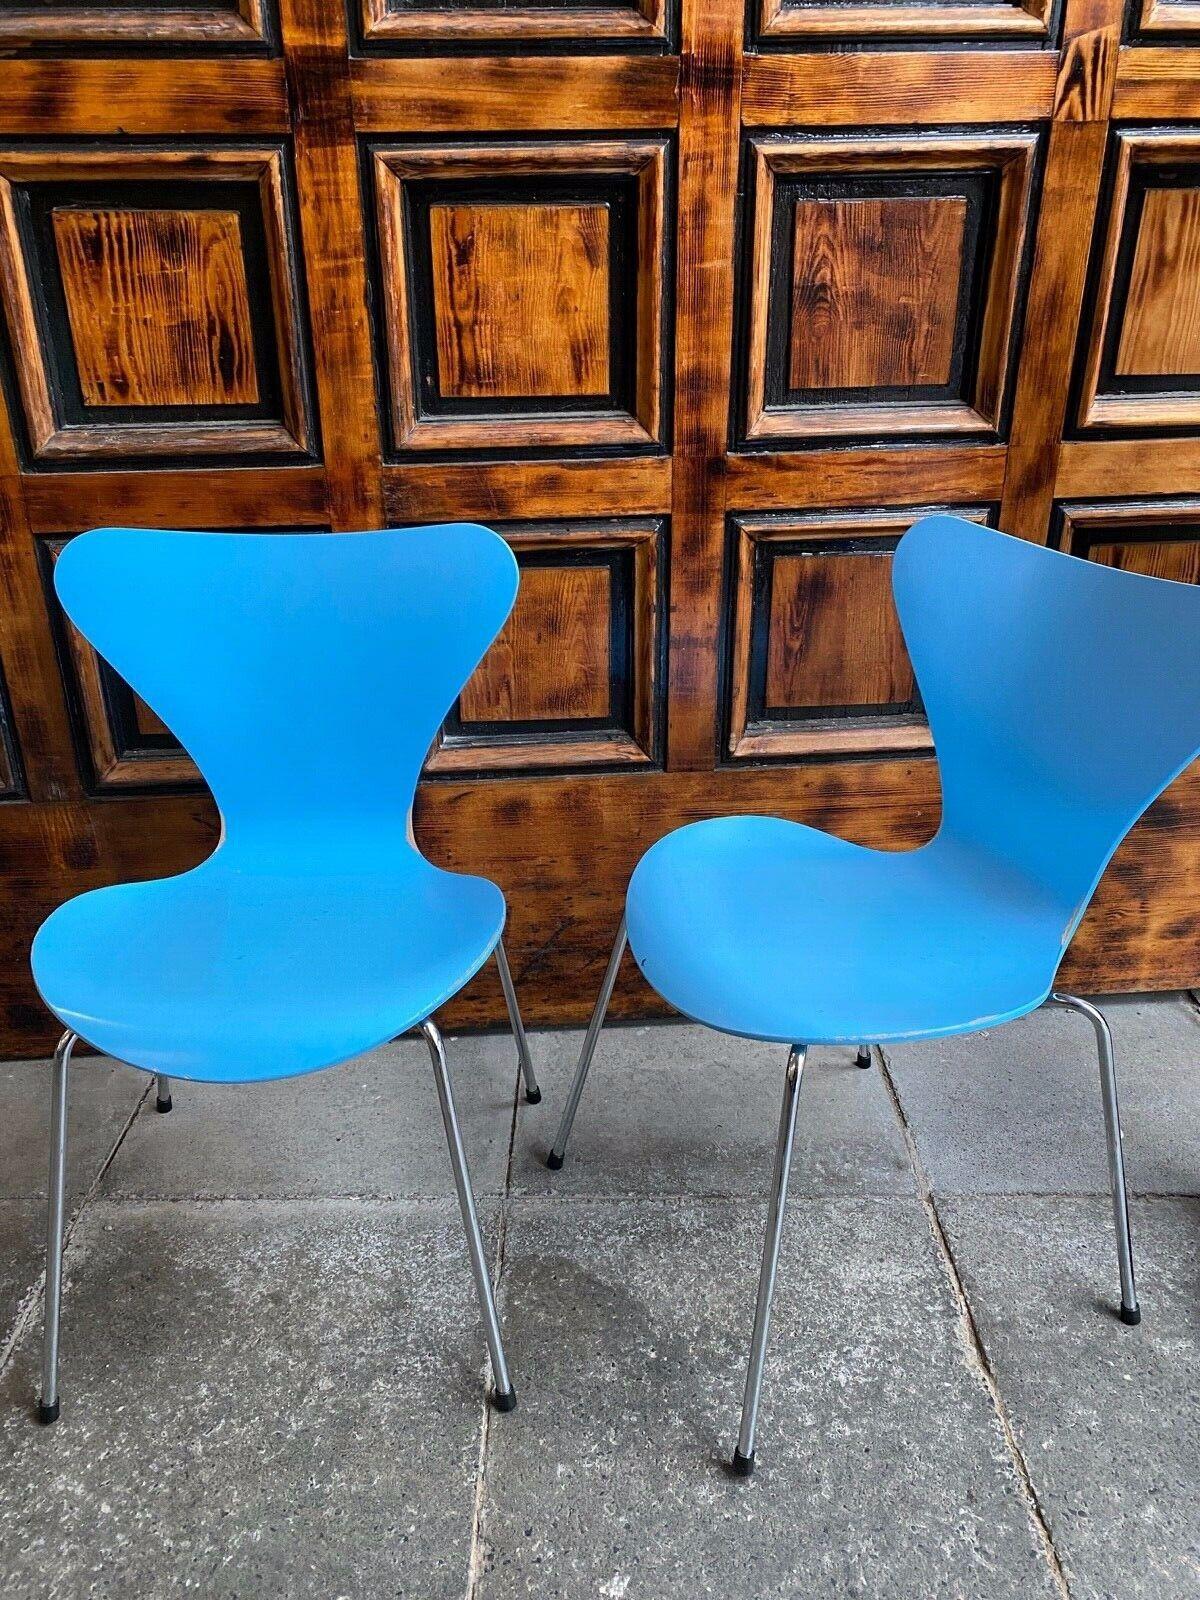 1/2 Fritz Hansen Arne Jacobsen Serie 7 Stapelstuhl Designerstuhl Stacking Chair